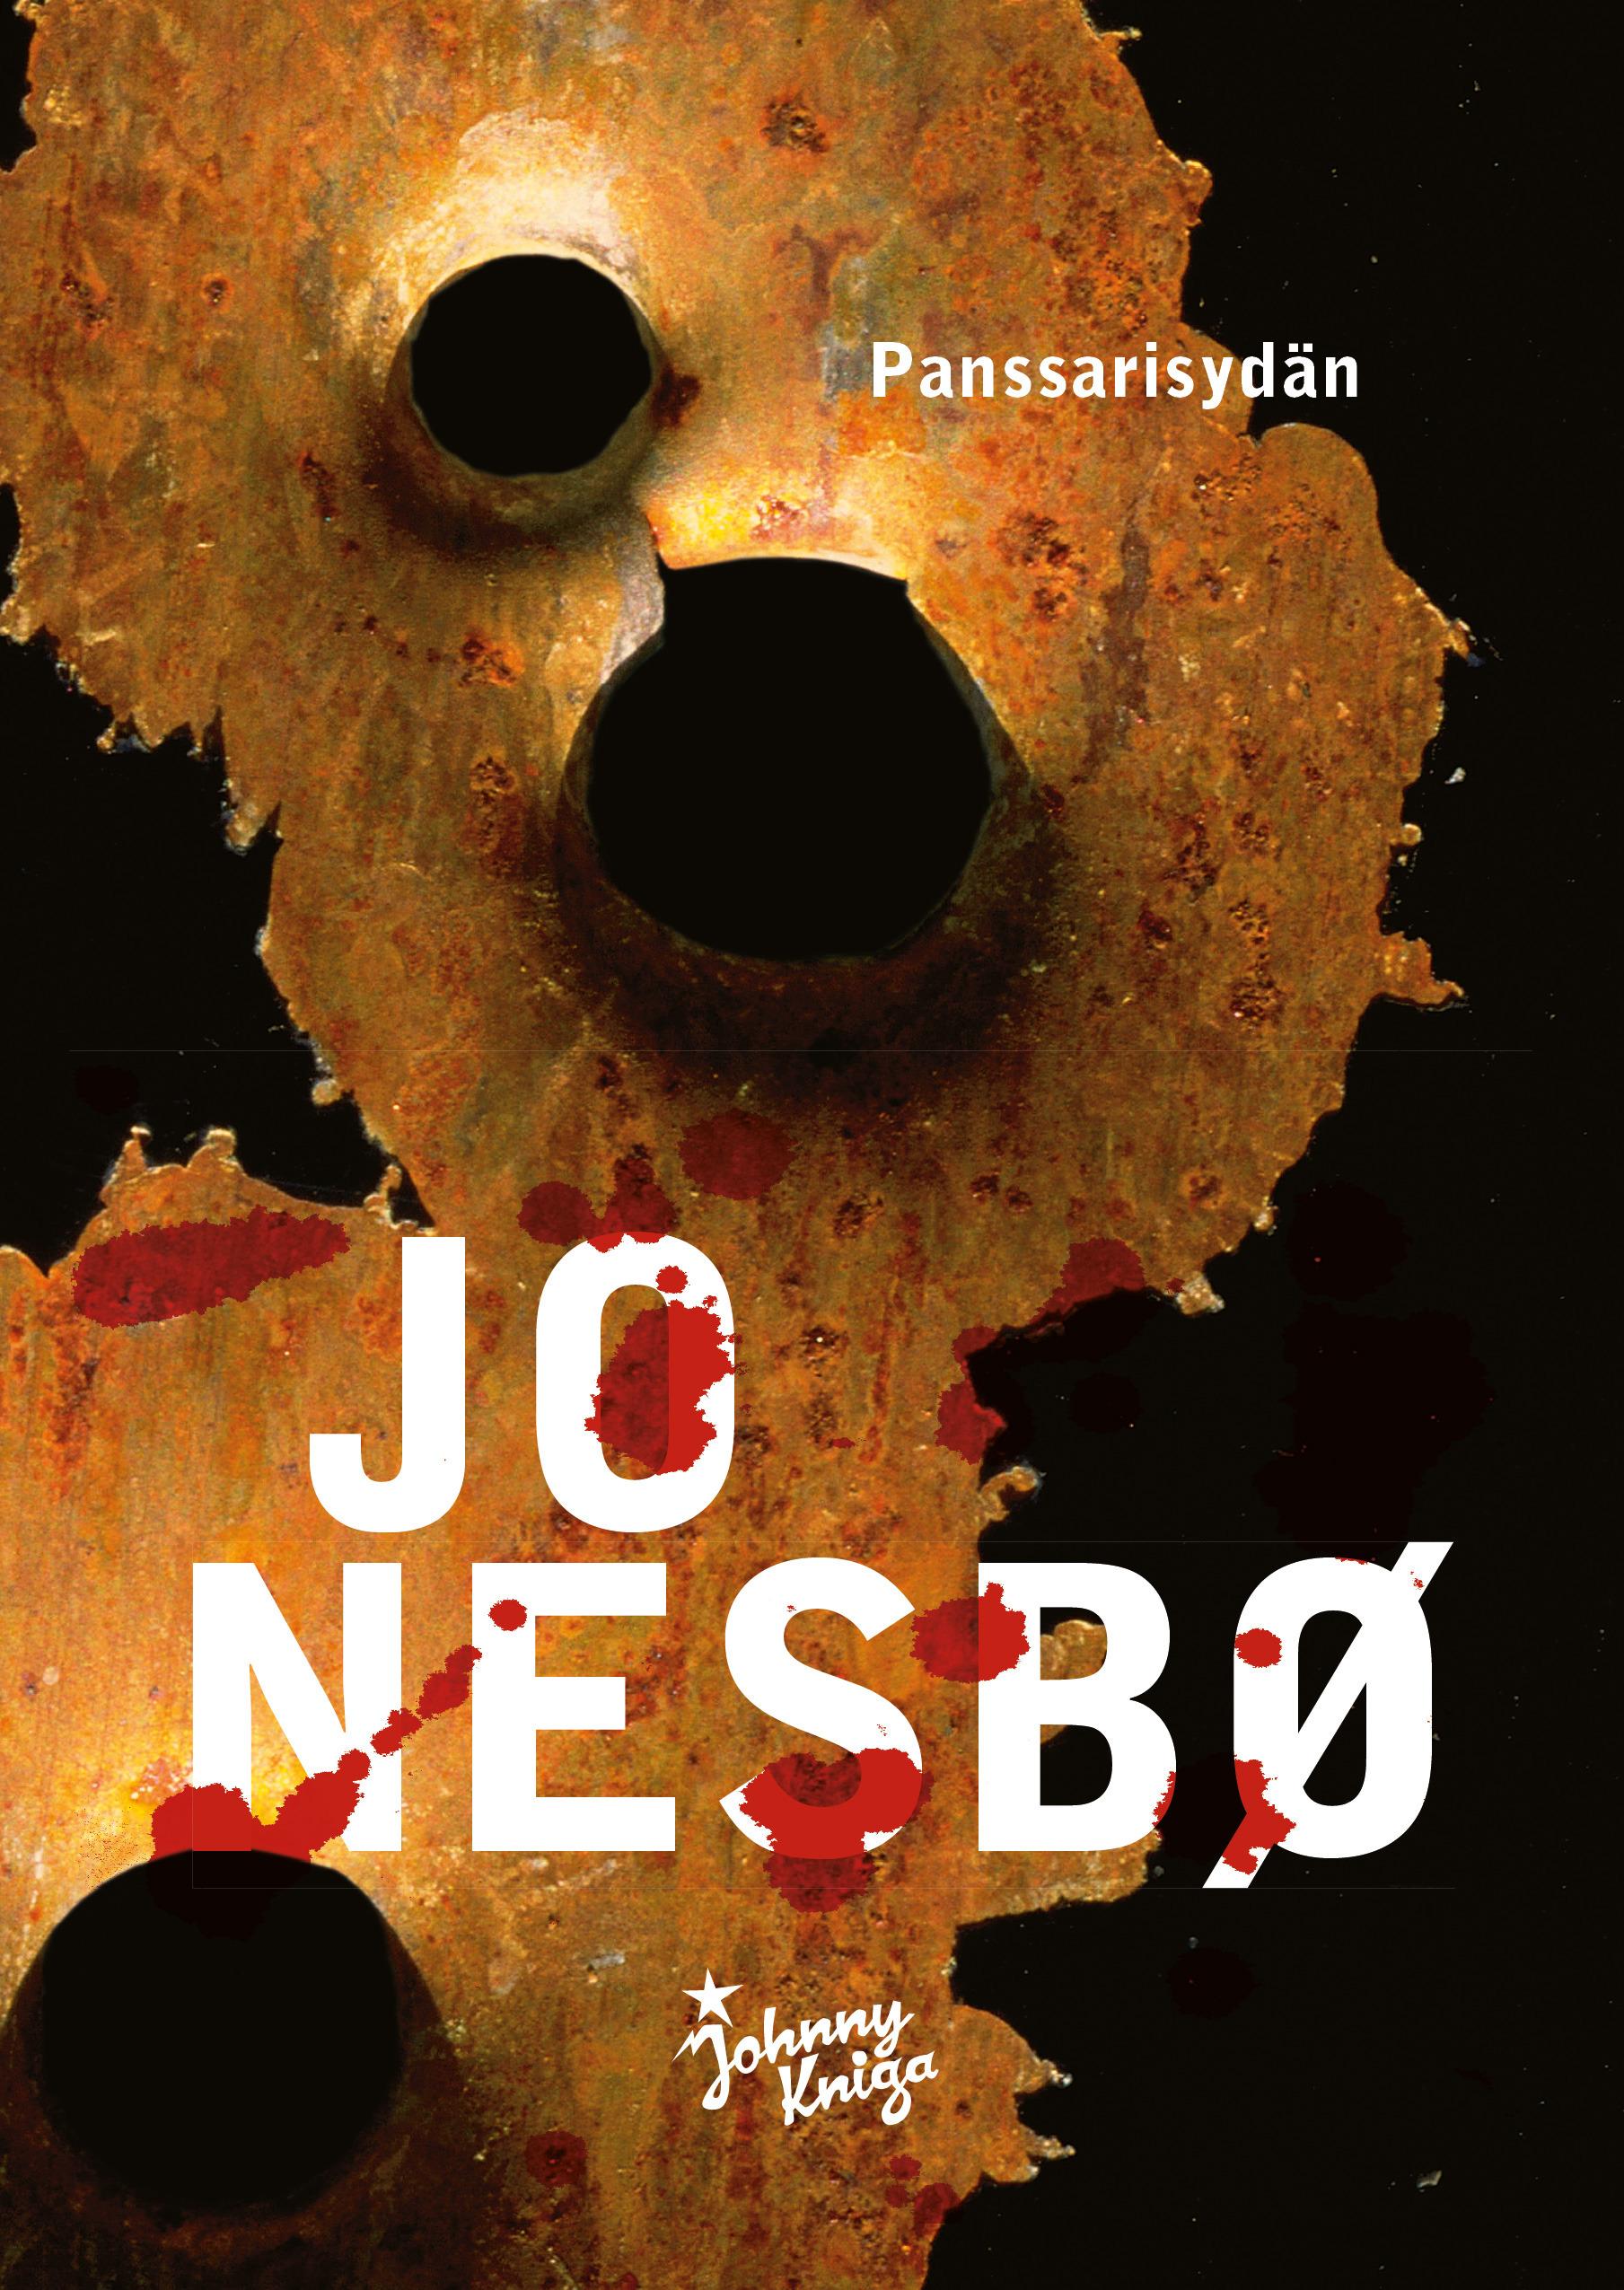 Nesbø, Jo - Panssarisydän, e-kirja